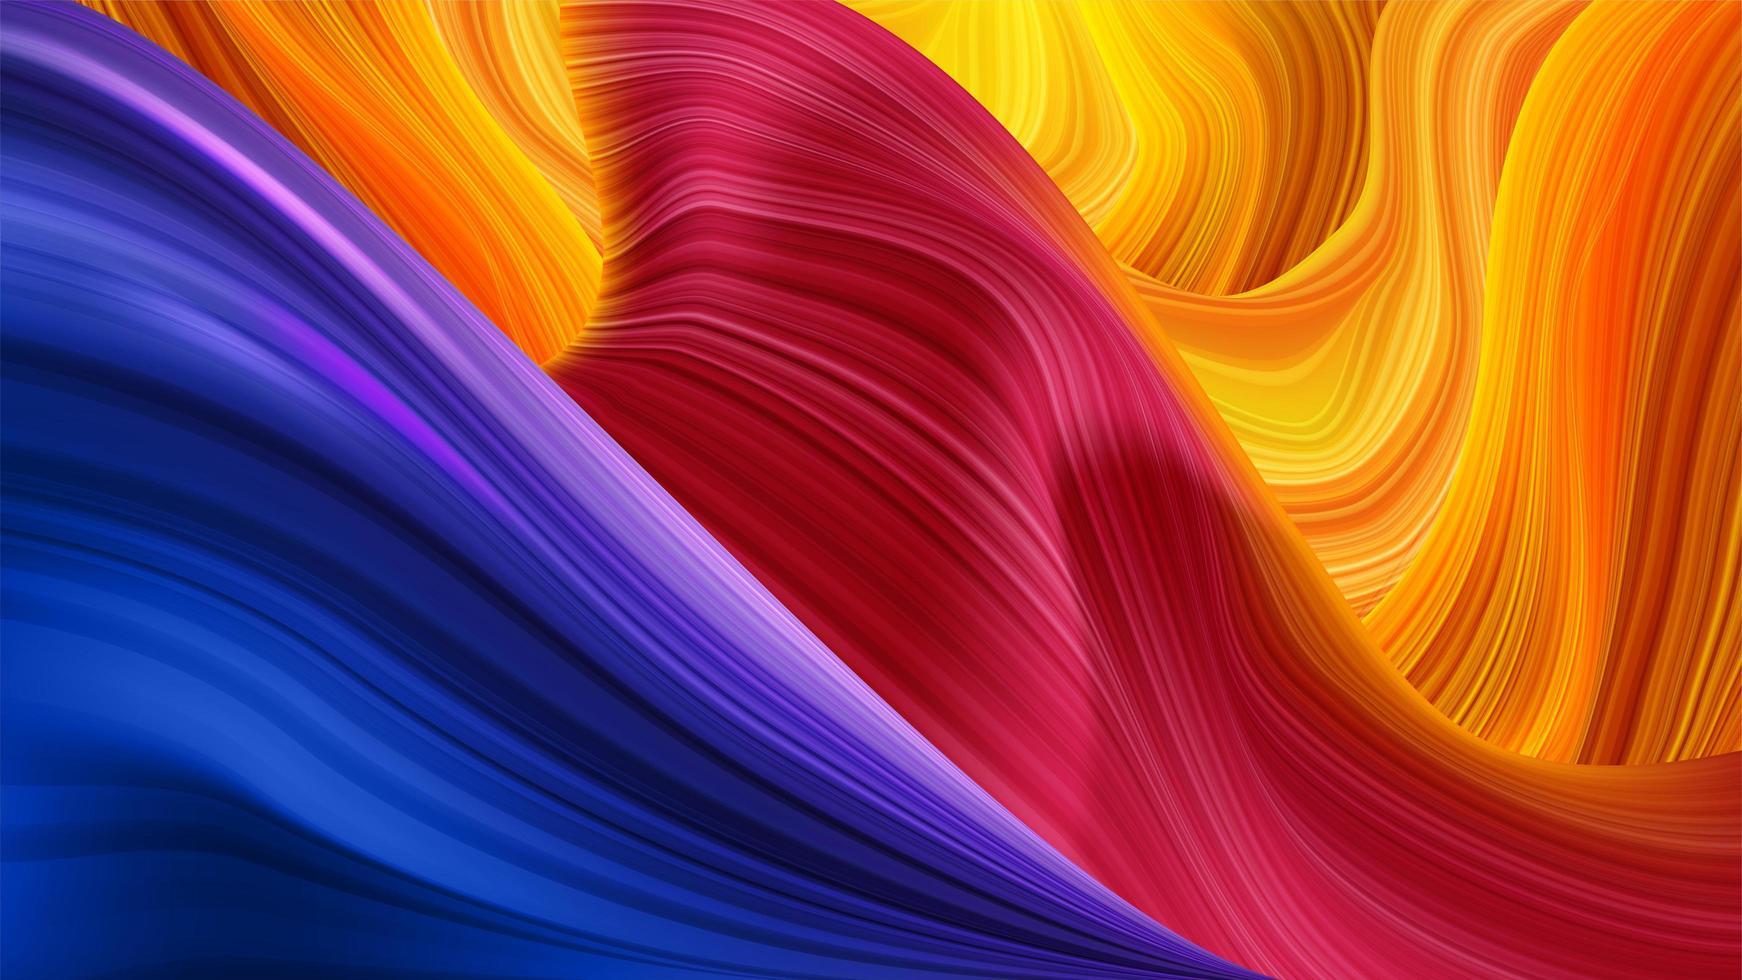 abstraktes buntes flüssiges Verdrehungsmuster vektor